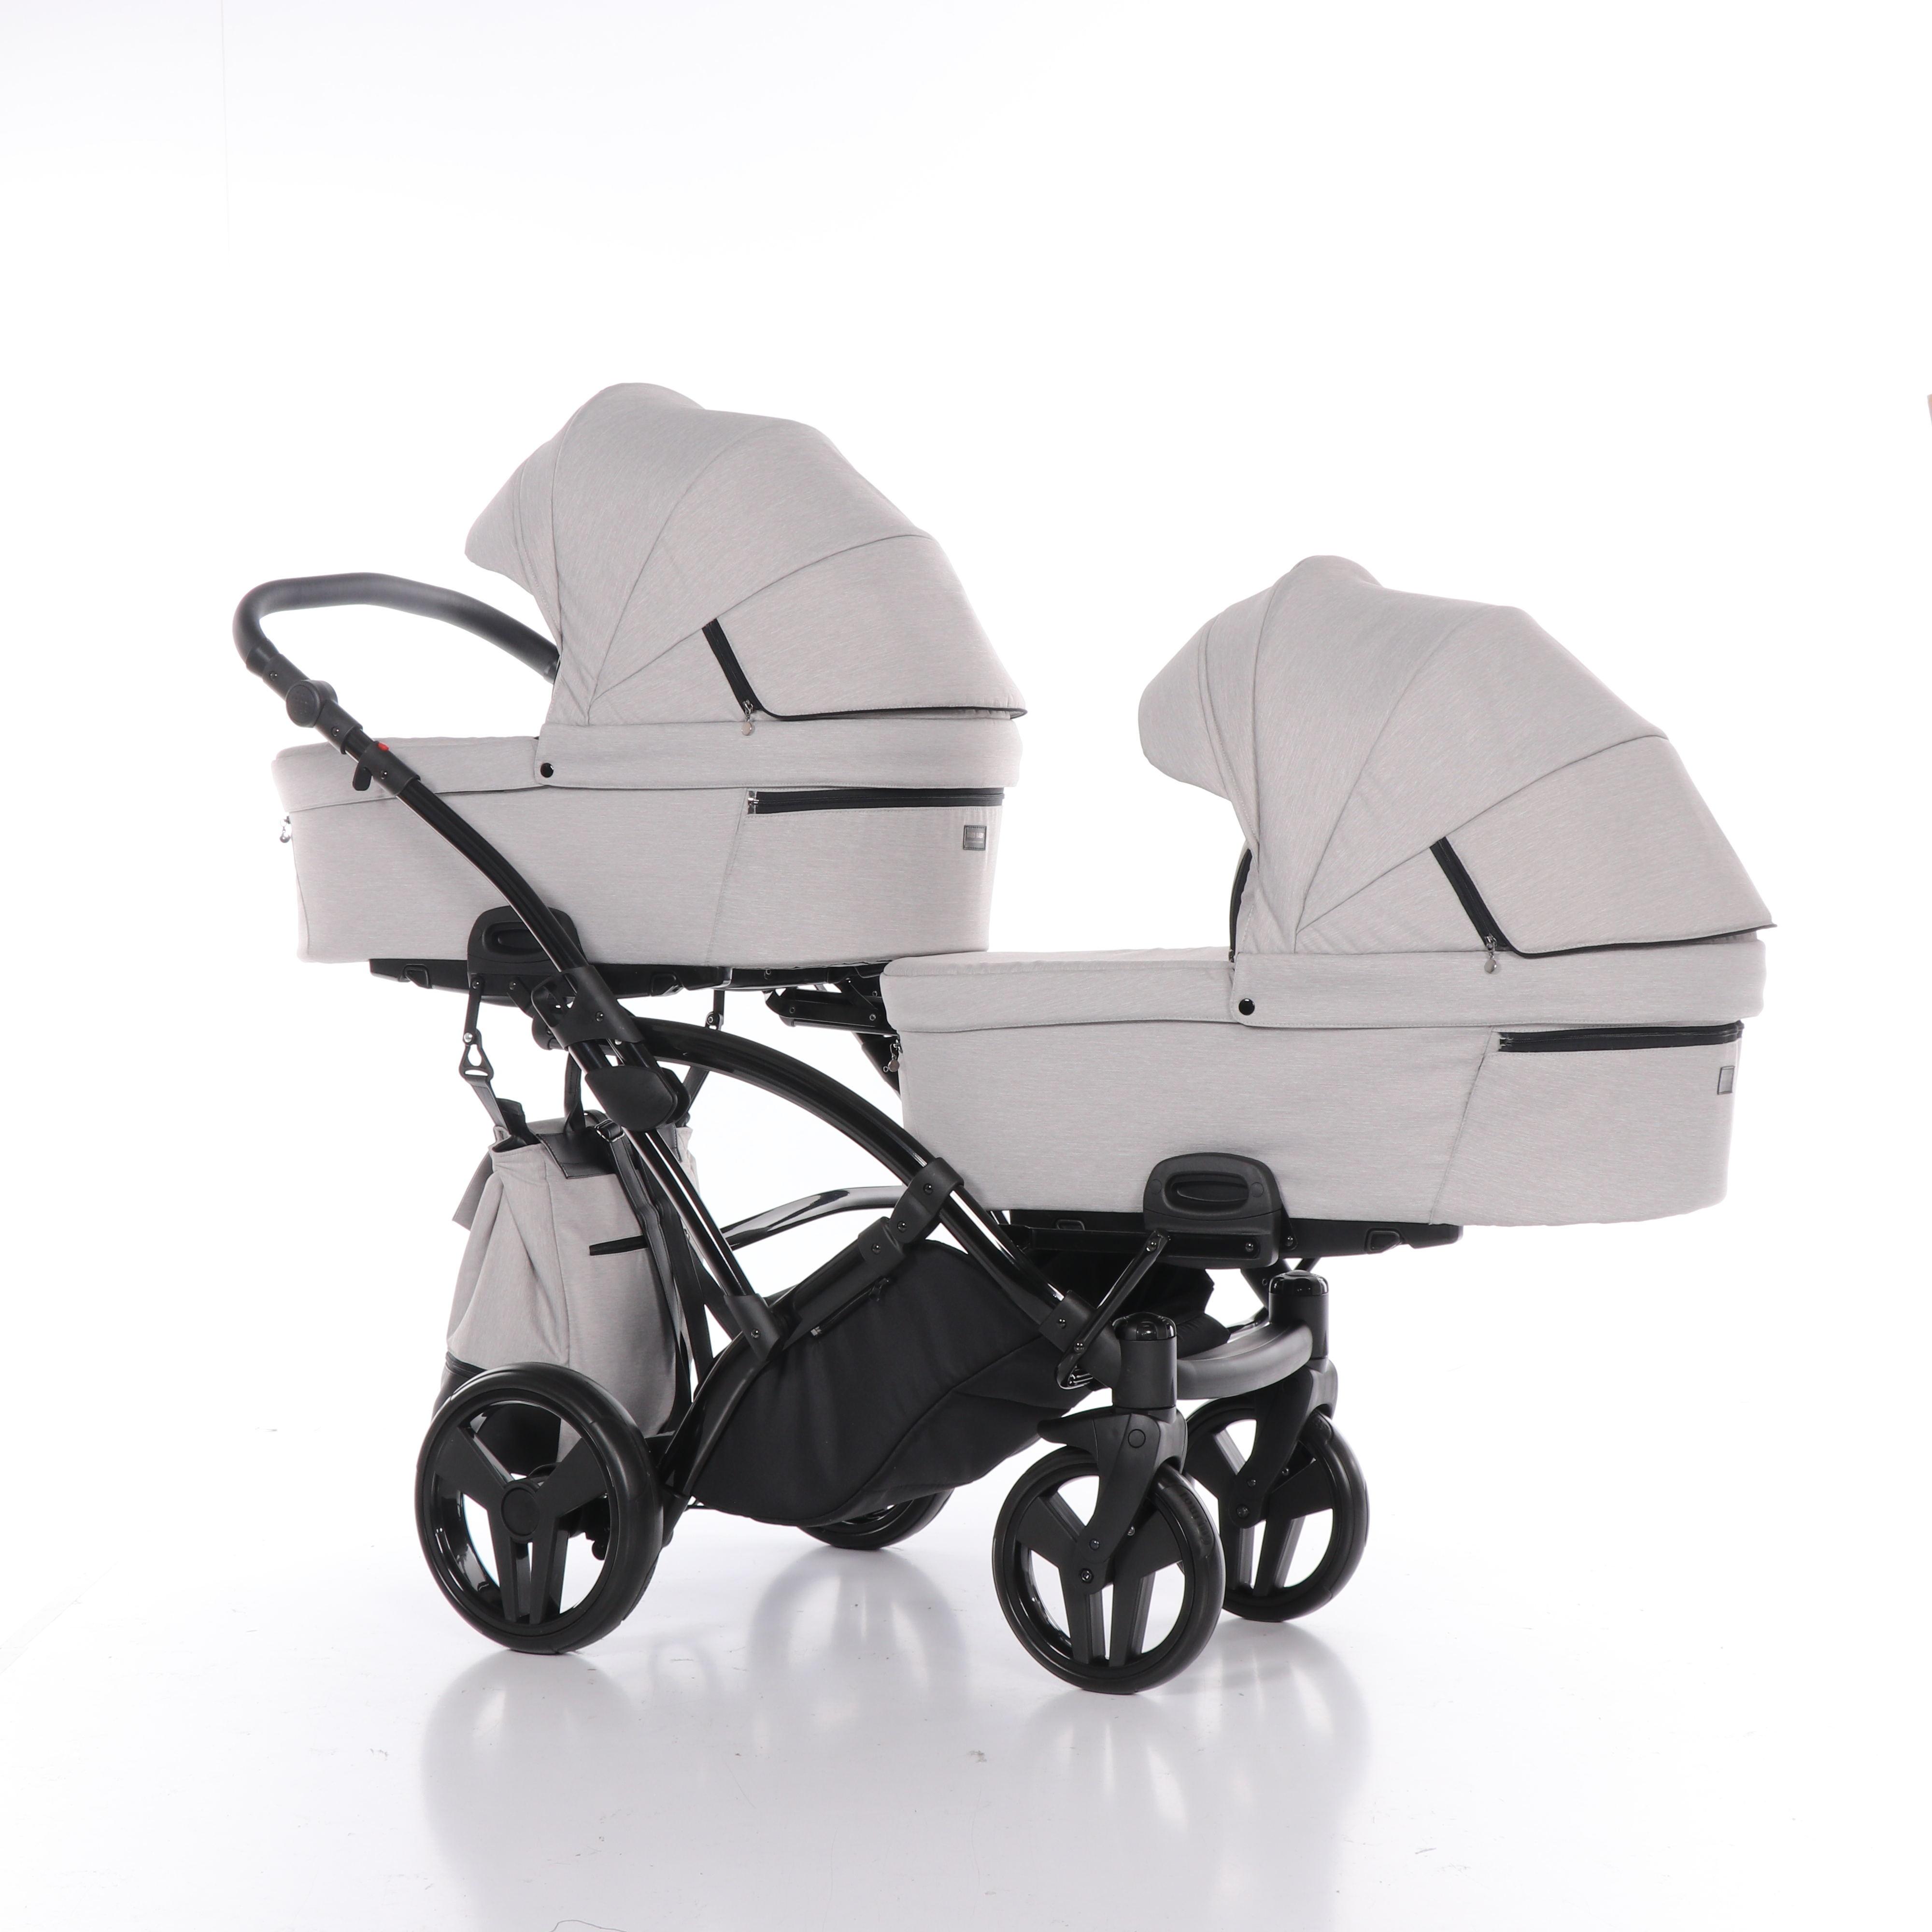 wielofunkcyjny wózek bliźniaczy Artemo Duo Slim jeden za drugim głeboko spacerowy Dadi Shop Tako